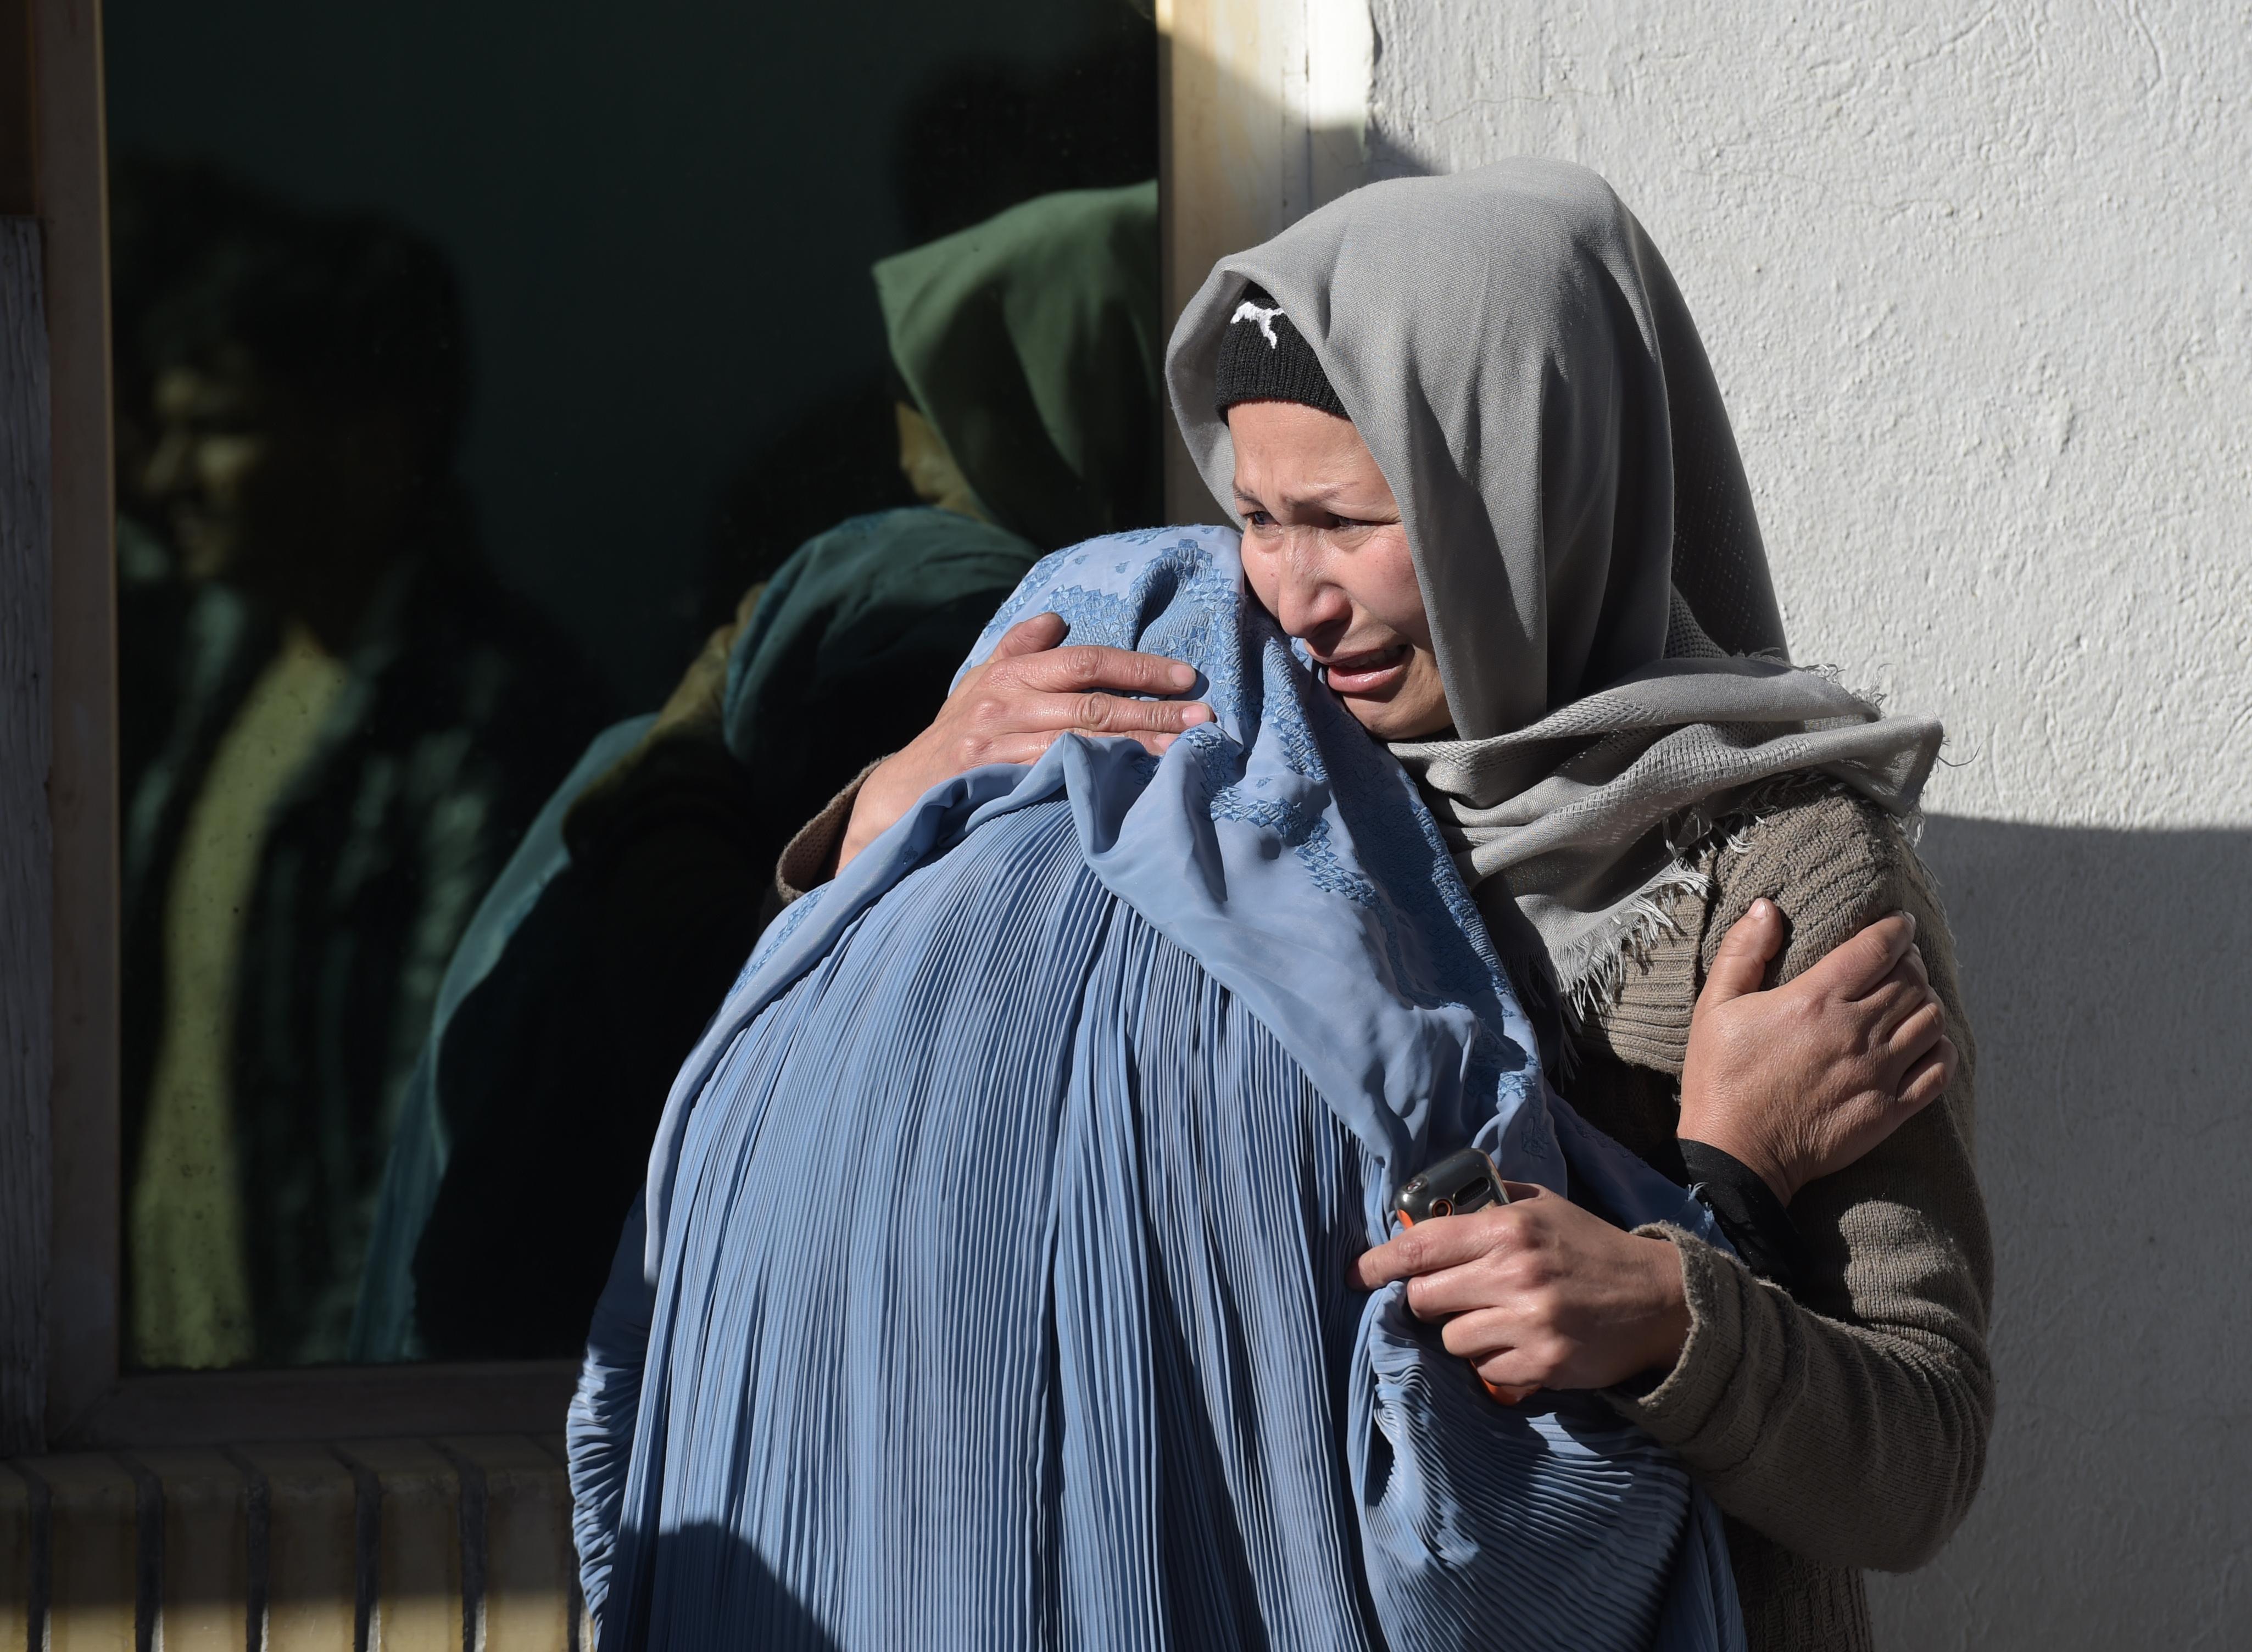 حمله انتحاری داعش به مرکز فرهنگی شیعیان در کابل باعث کشته شدن تعداد زیادی از جوانان گردید